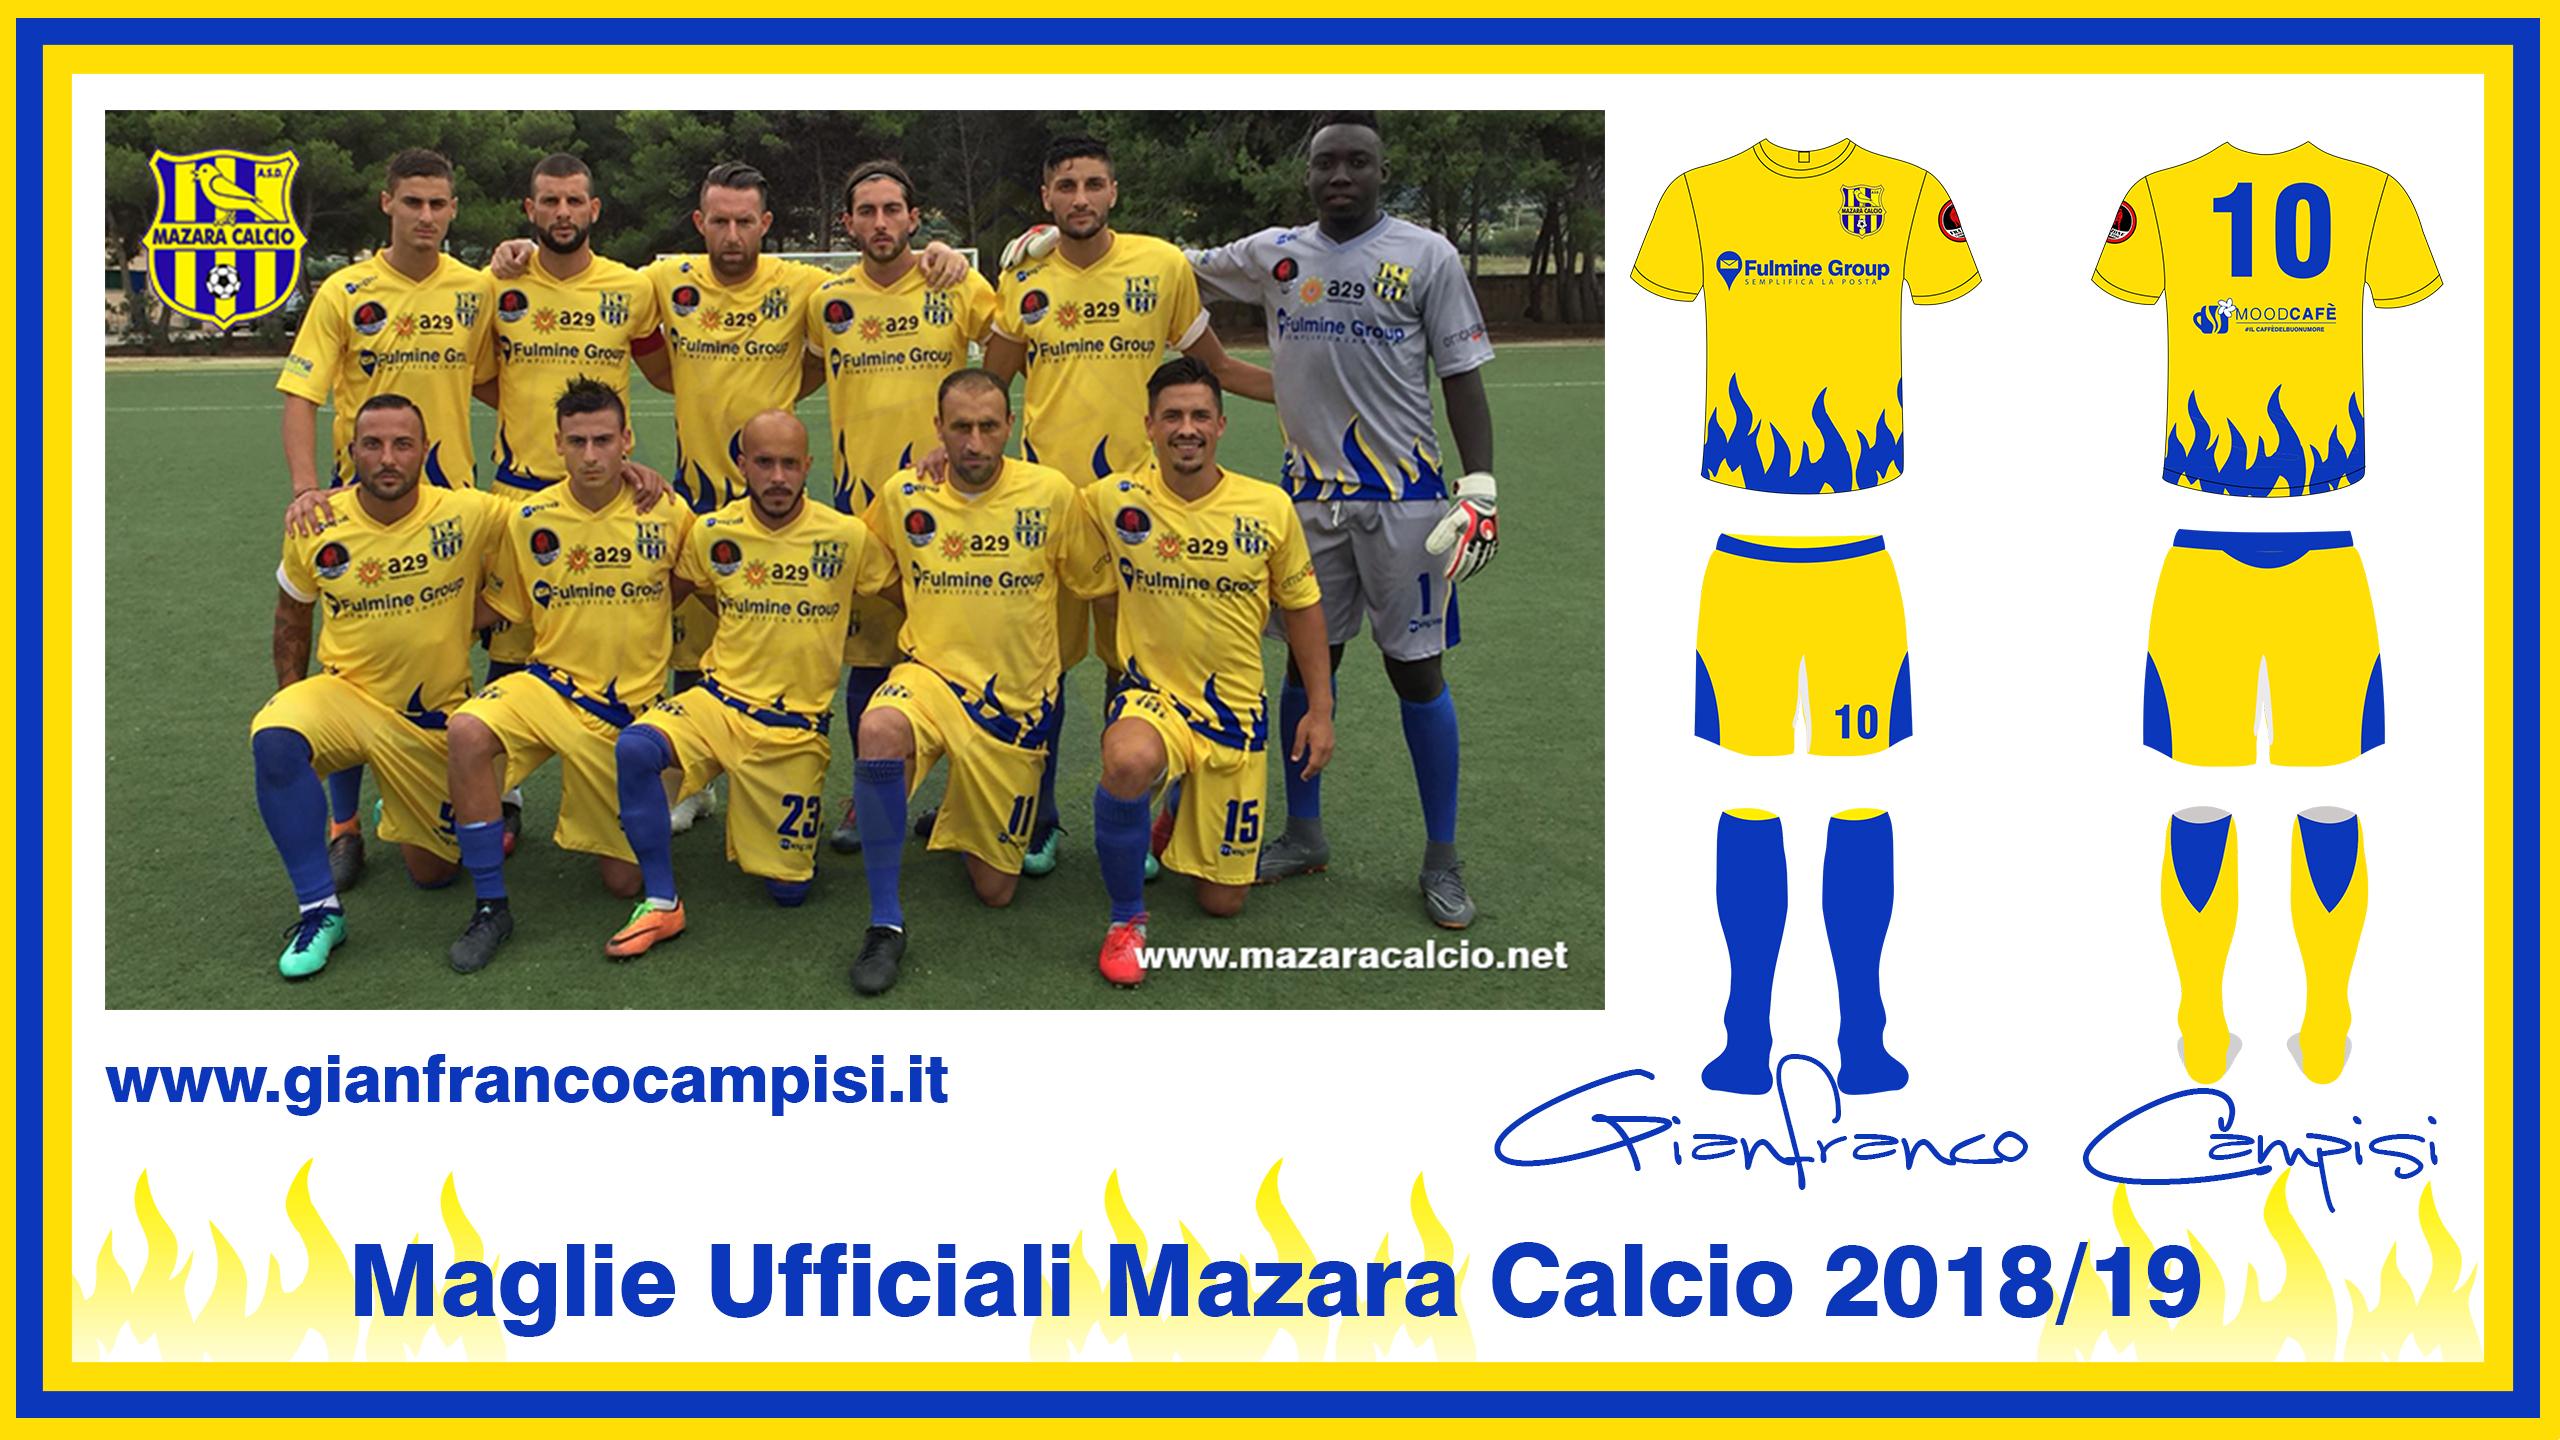 Mazara – Castelbuono, i canarini scenderanno in campo con le nuove maglie disegnate da Gianfranco Campisi